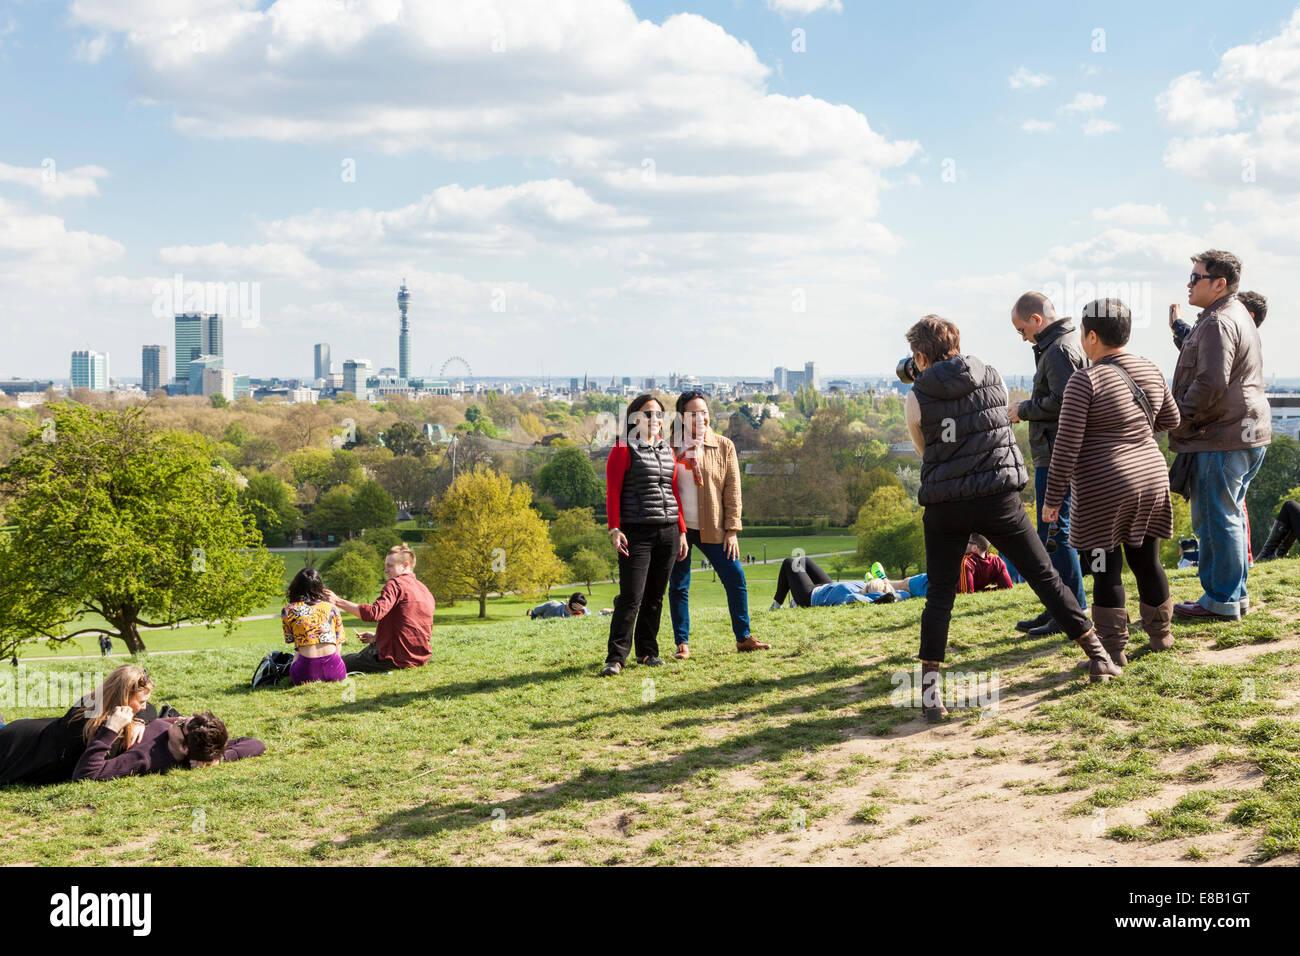 Persona fotografiar amigos de Primrose Hill con el horizonte de la ciudad de Londres en la distancia, Inglaterra, Imagen De Stock